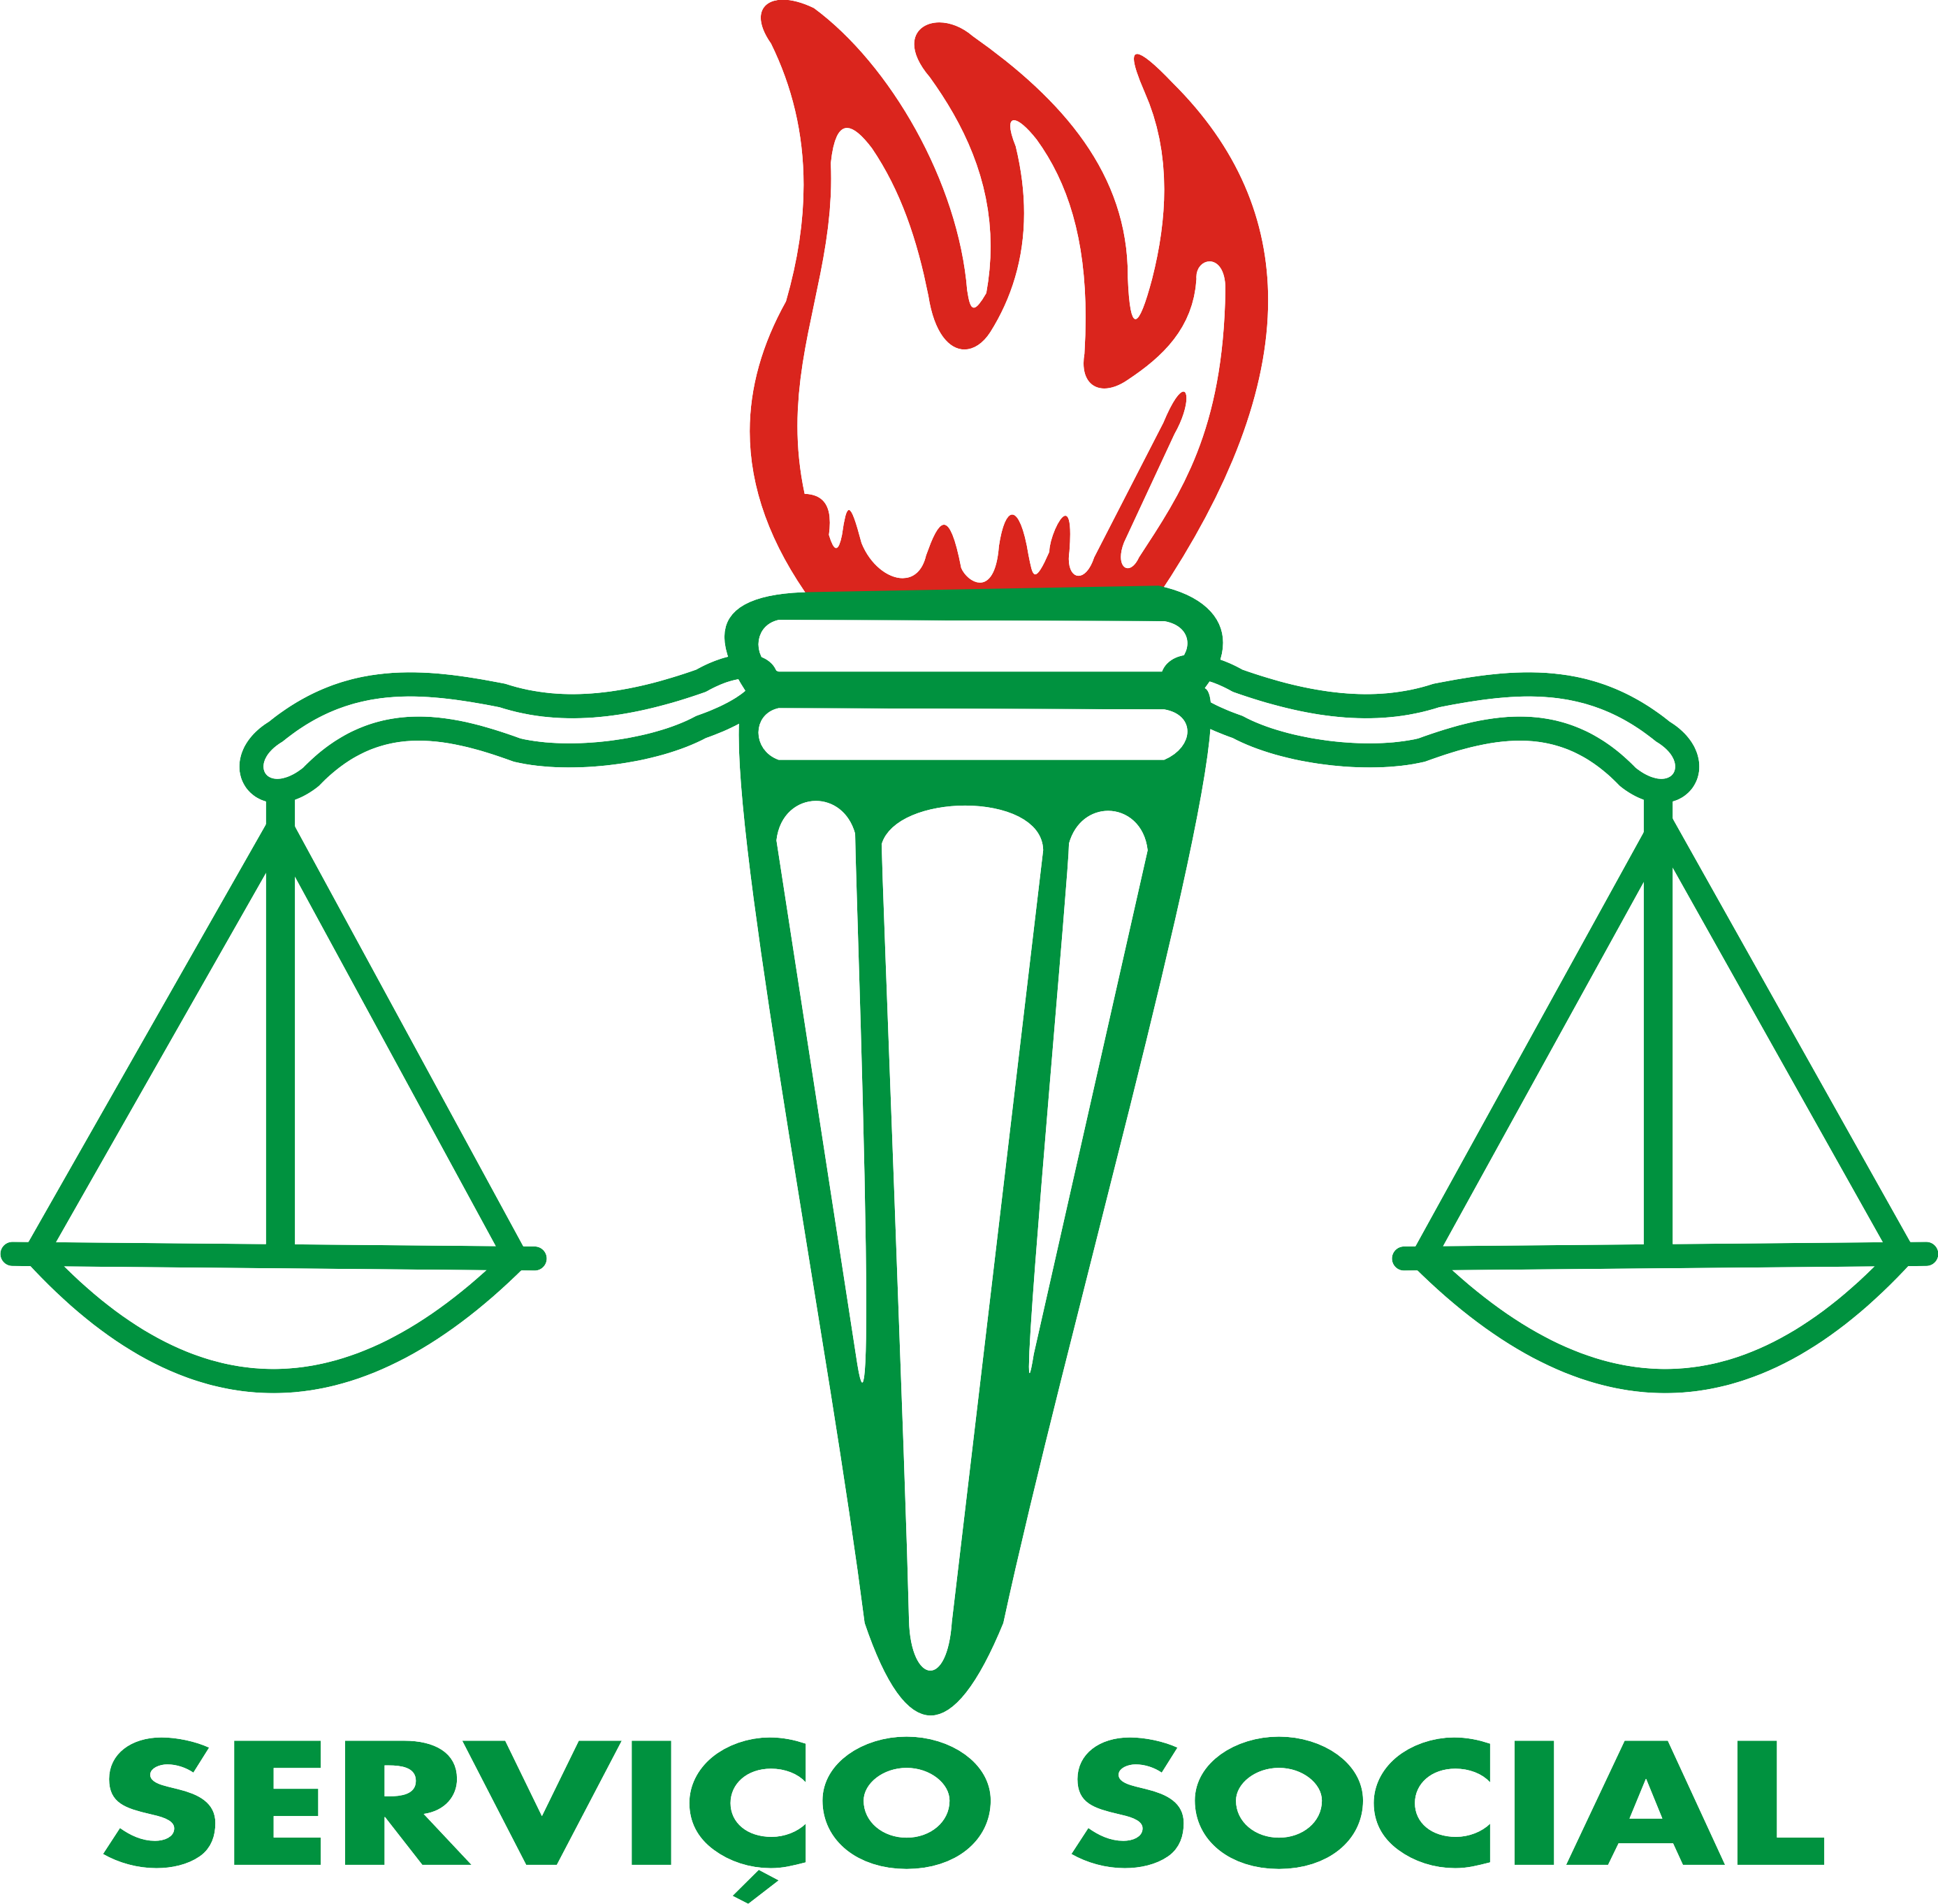 Serviço social logo png 4 » PNG Image.